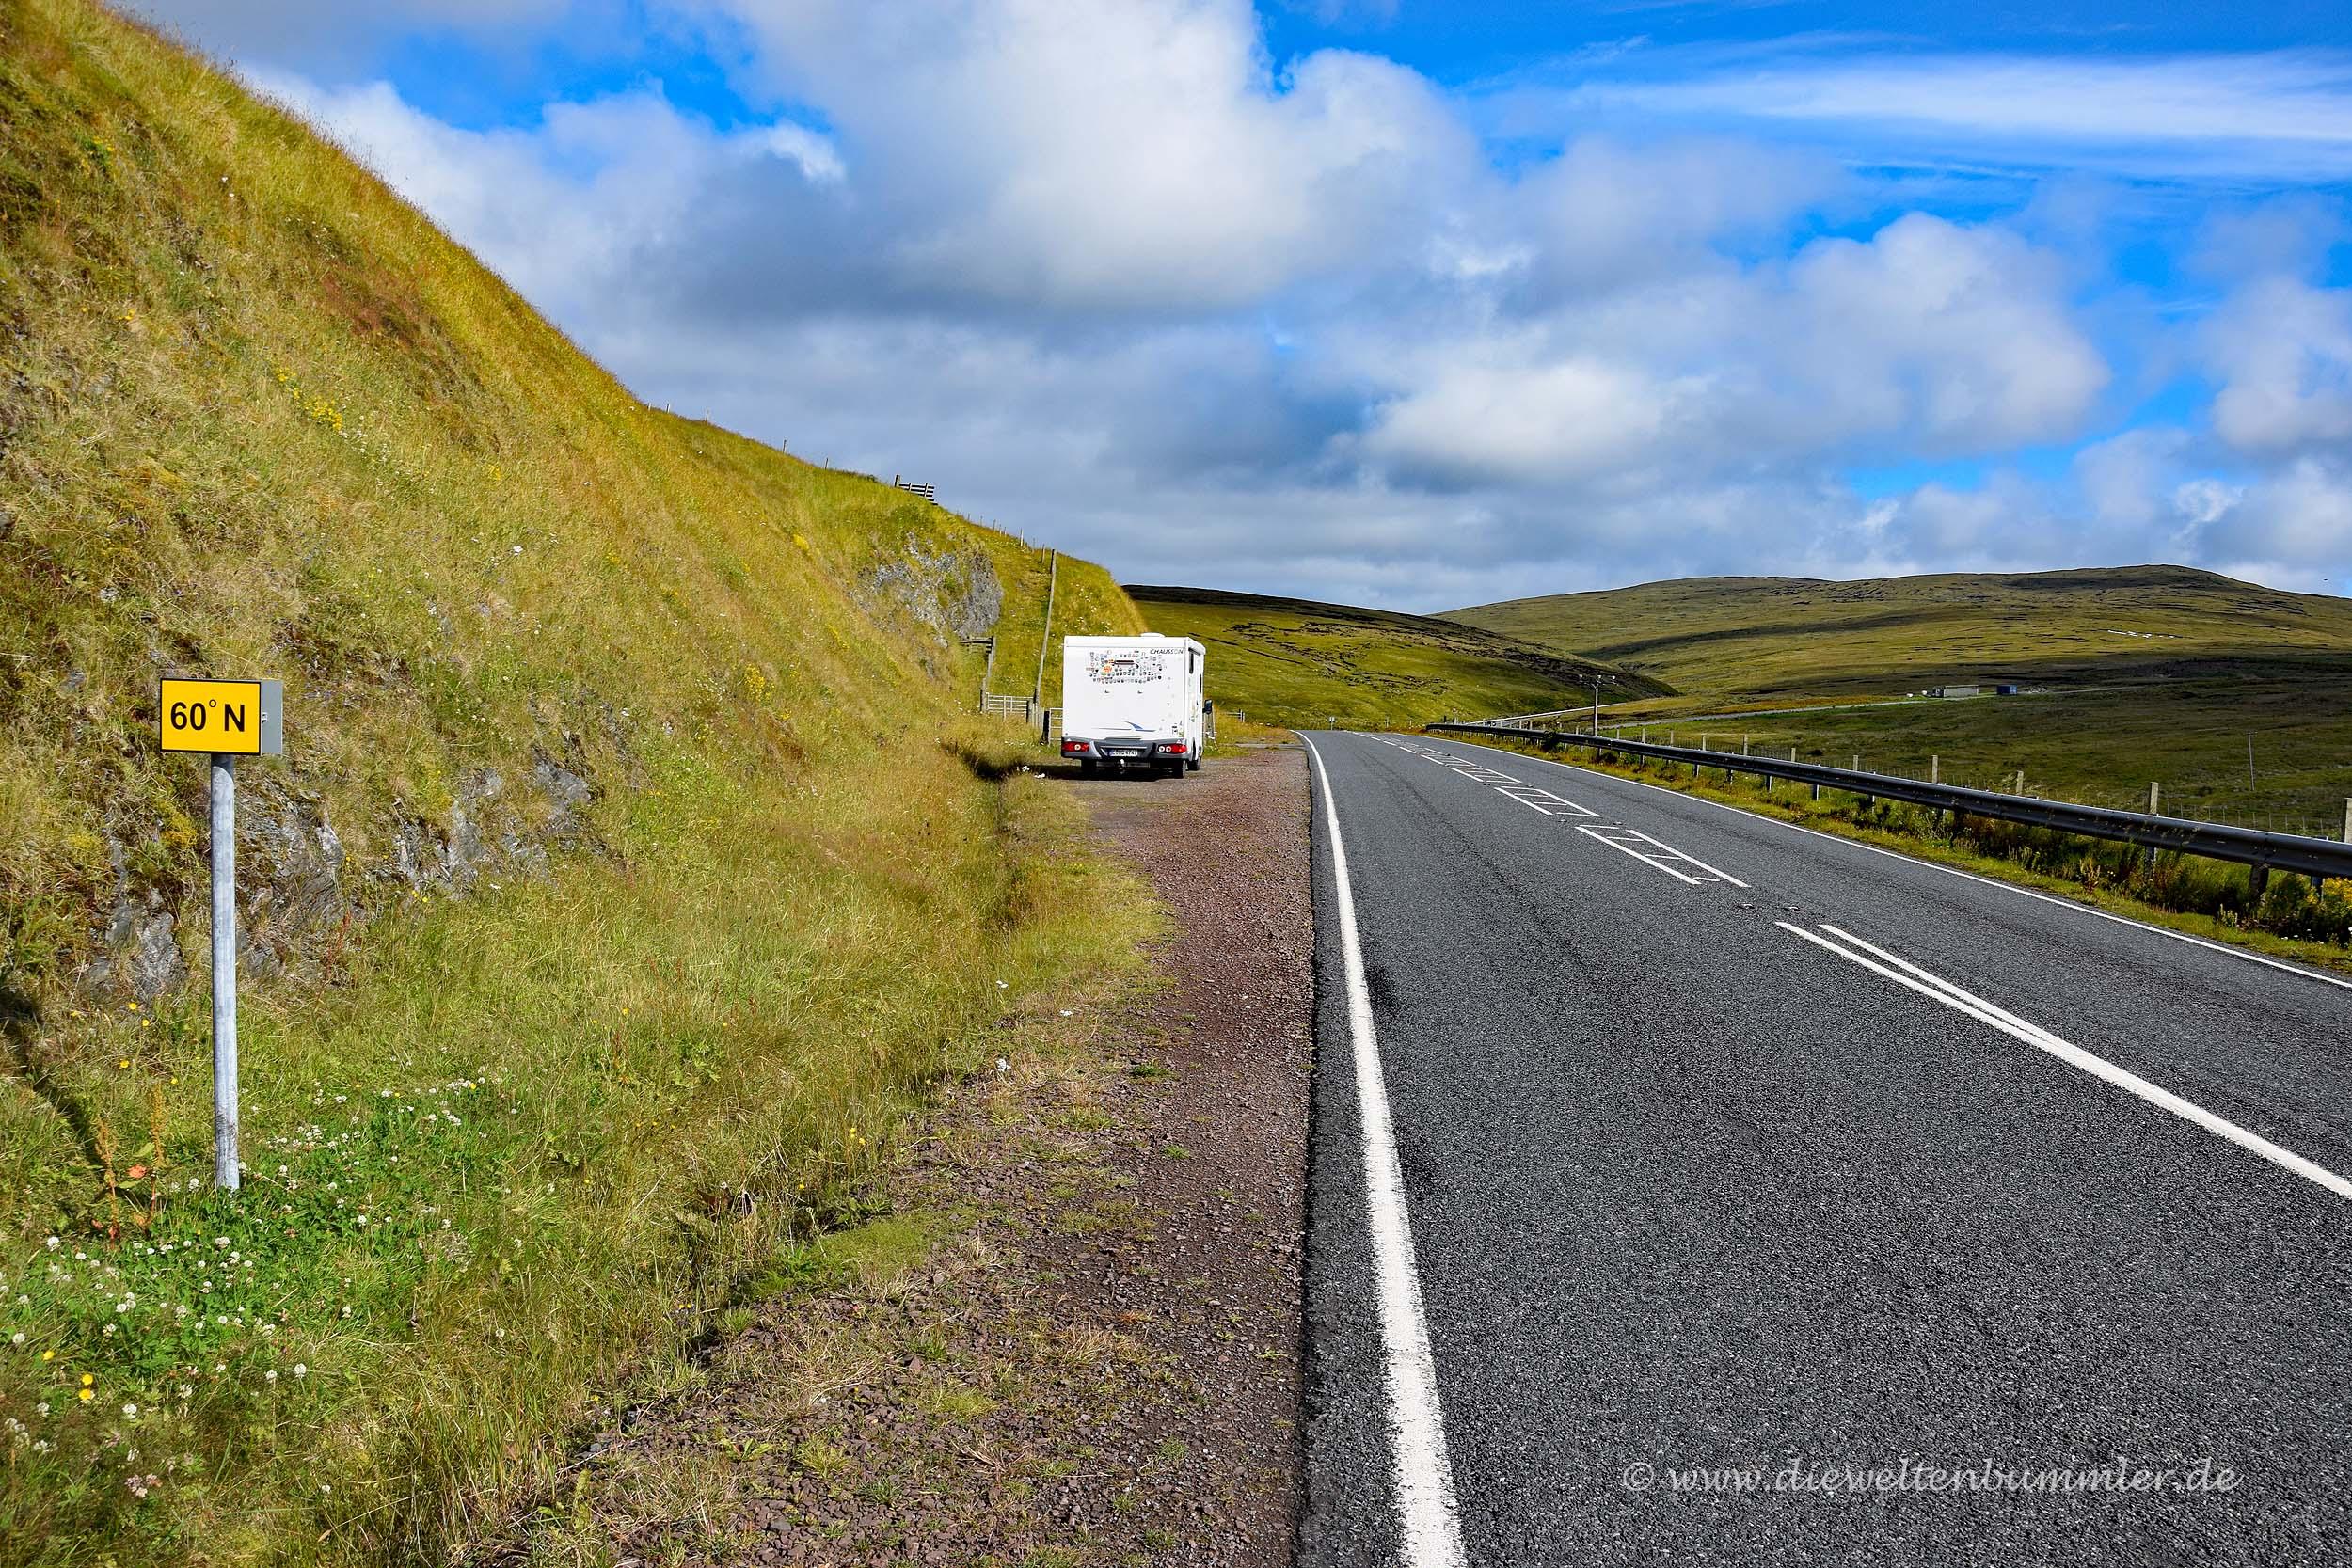 60. Breitengrad auf den Shetland-Inseln